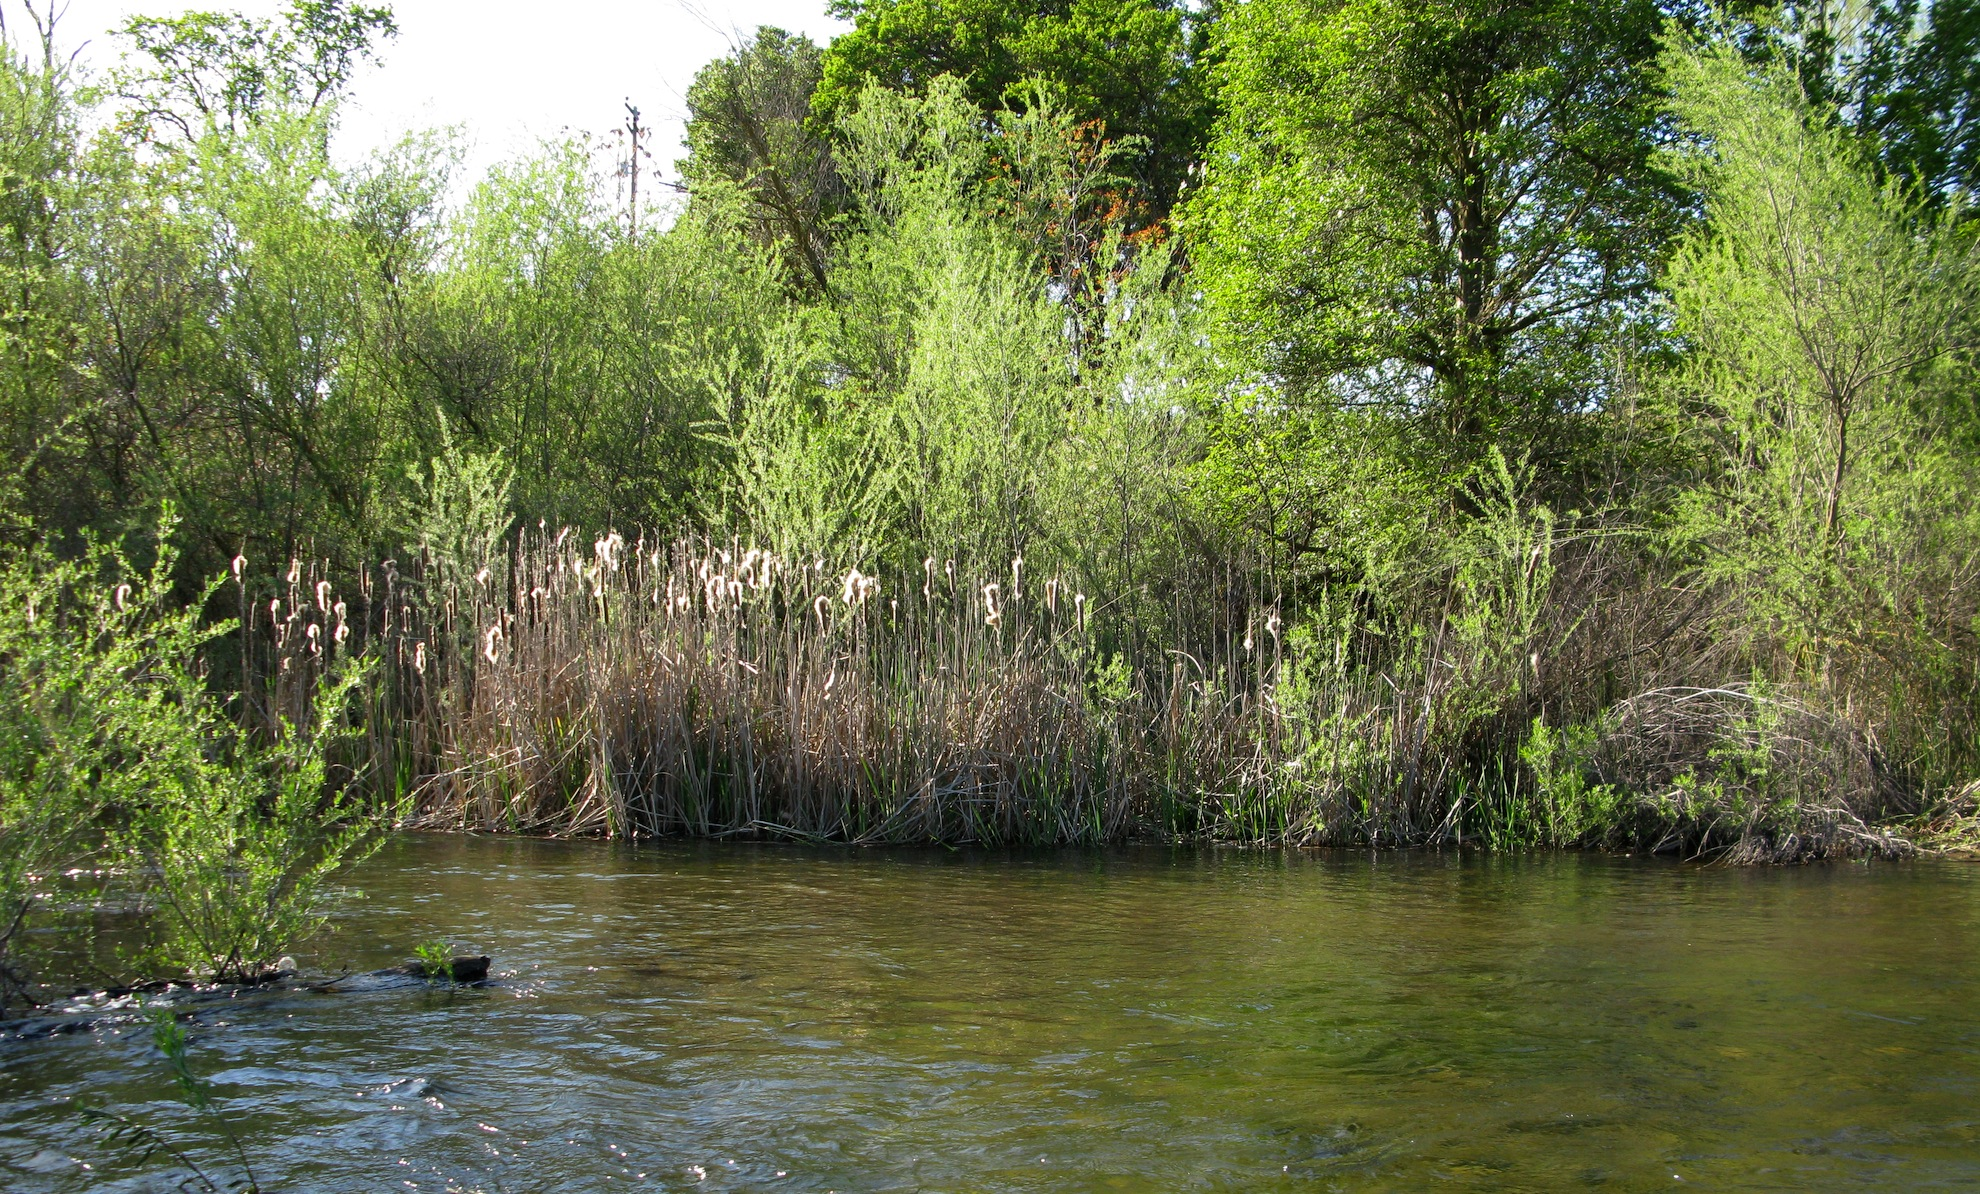 Wetland cattails